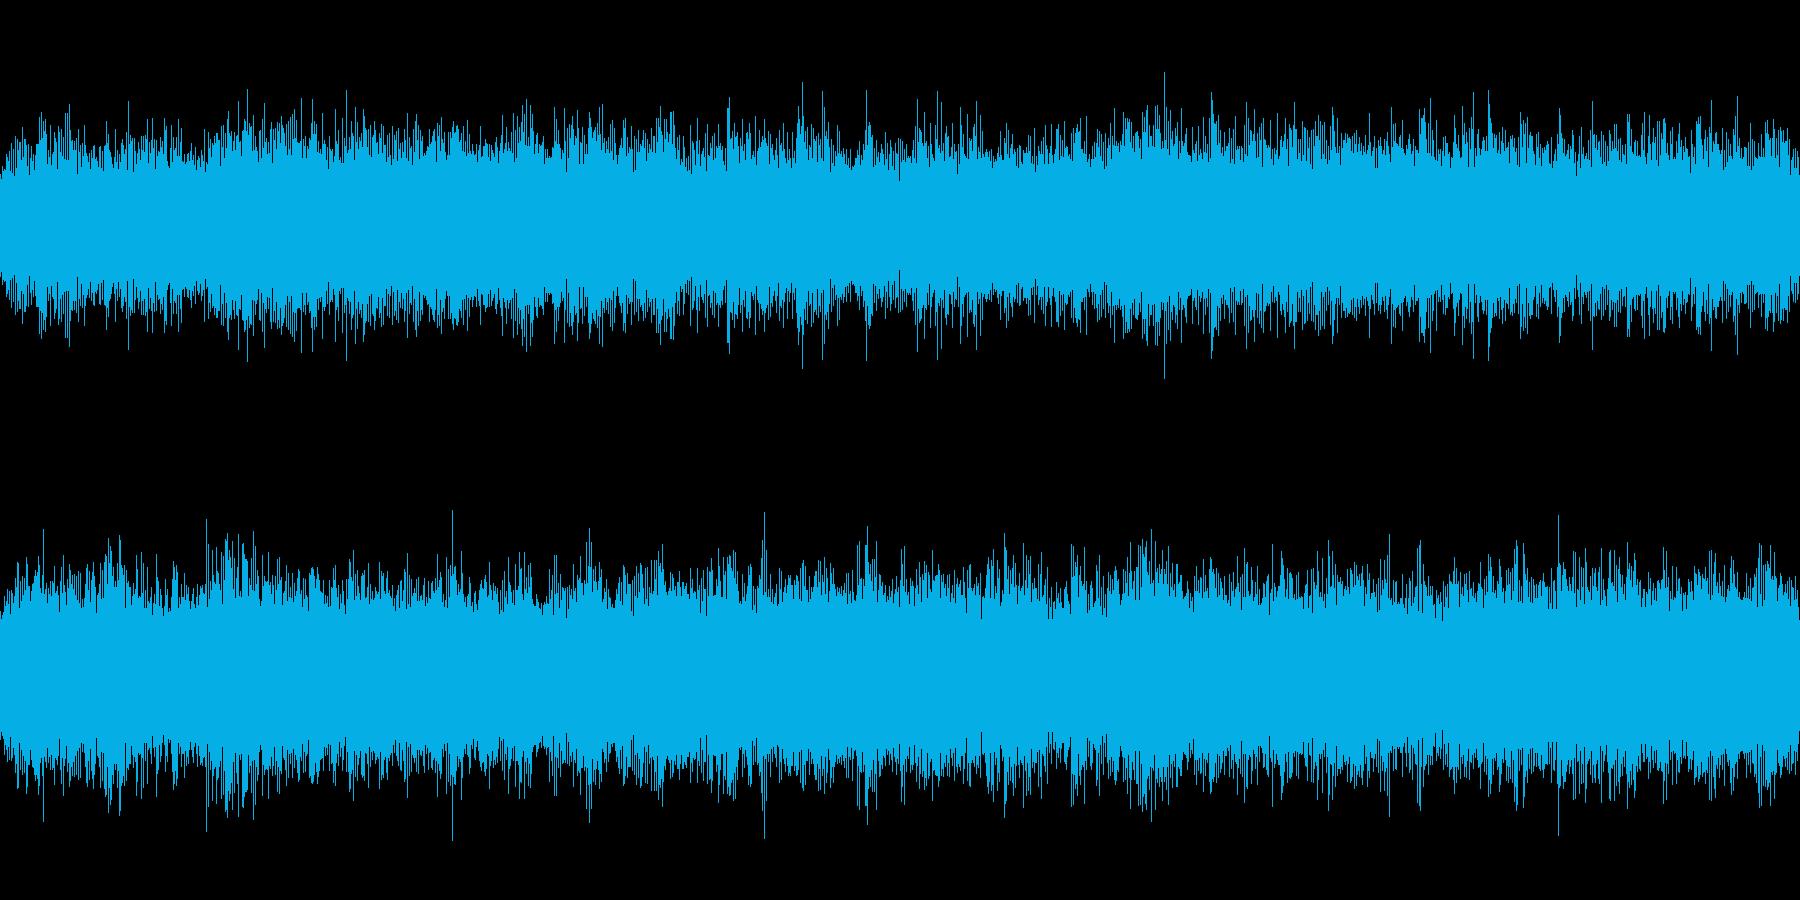 【ドラム・ベース抜き】明るい浮遊感のあ…の再生済みの波形